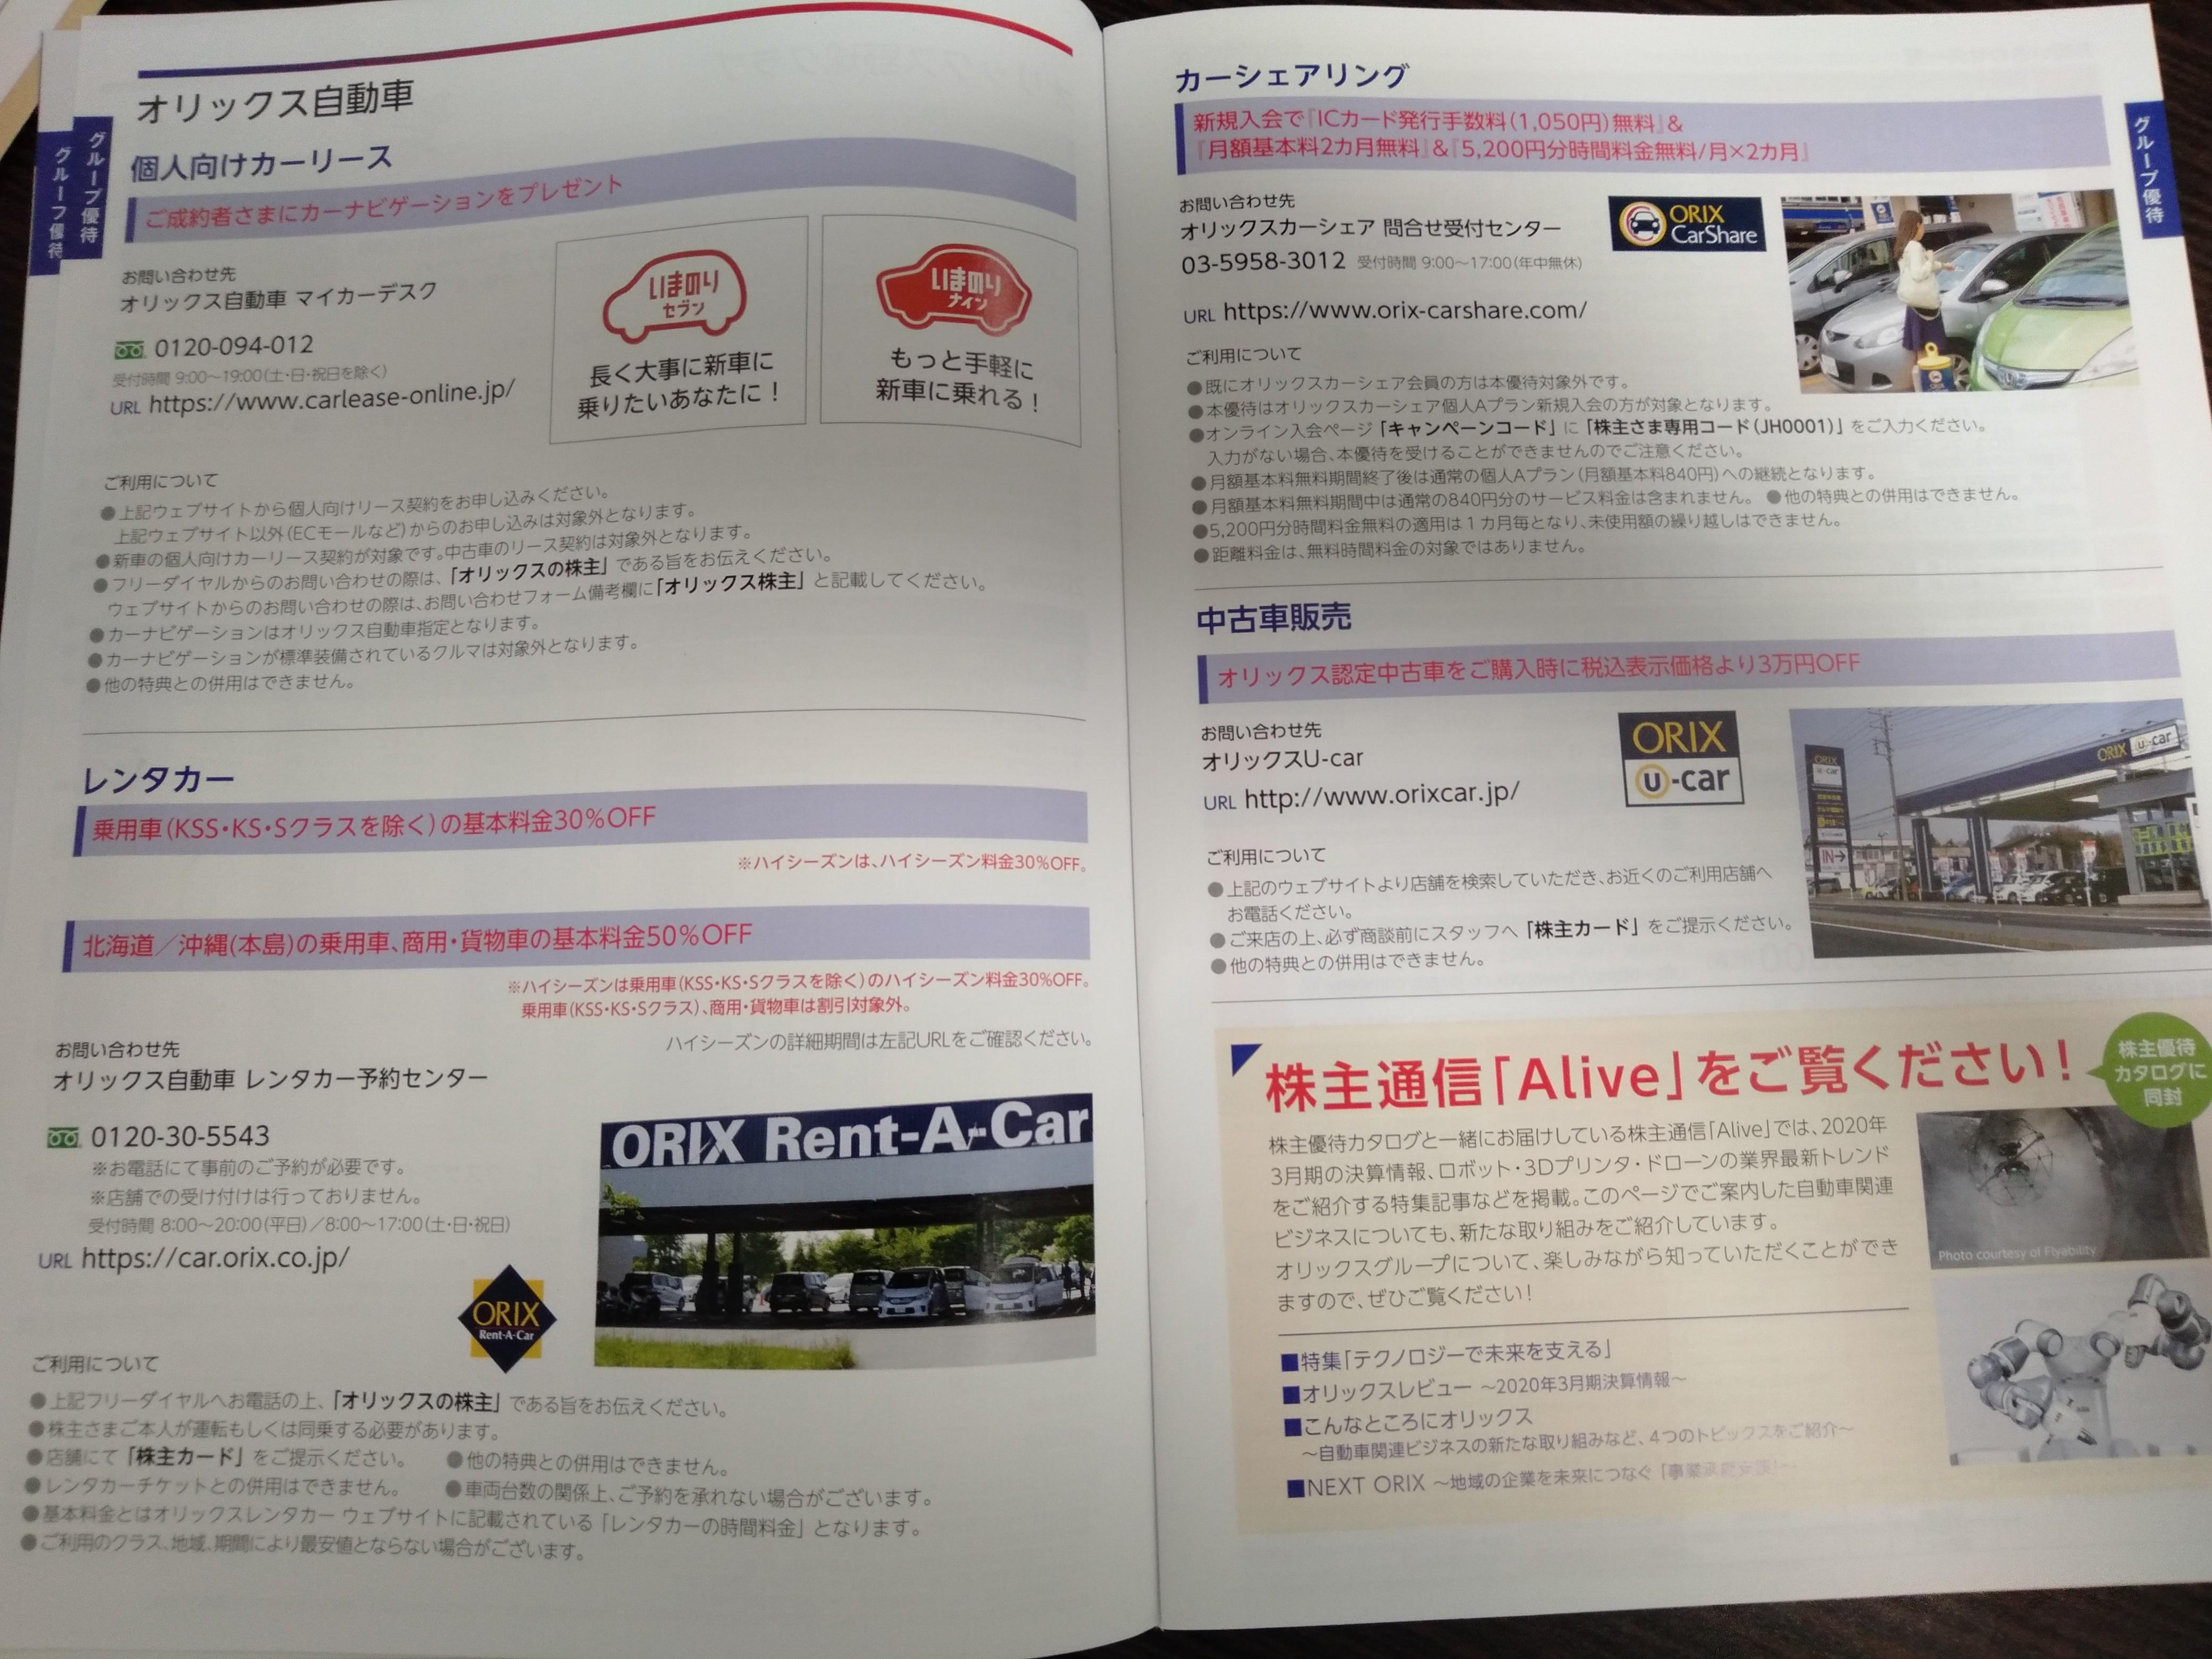 f:id:fumataro:20200702230736j:image